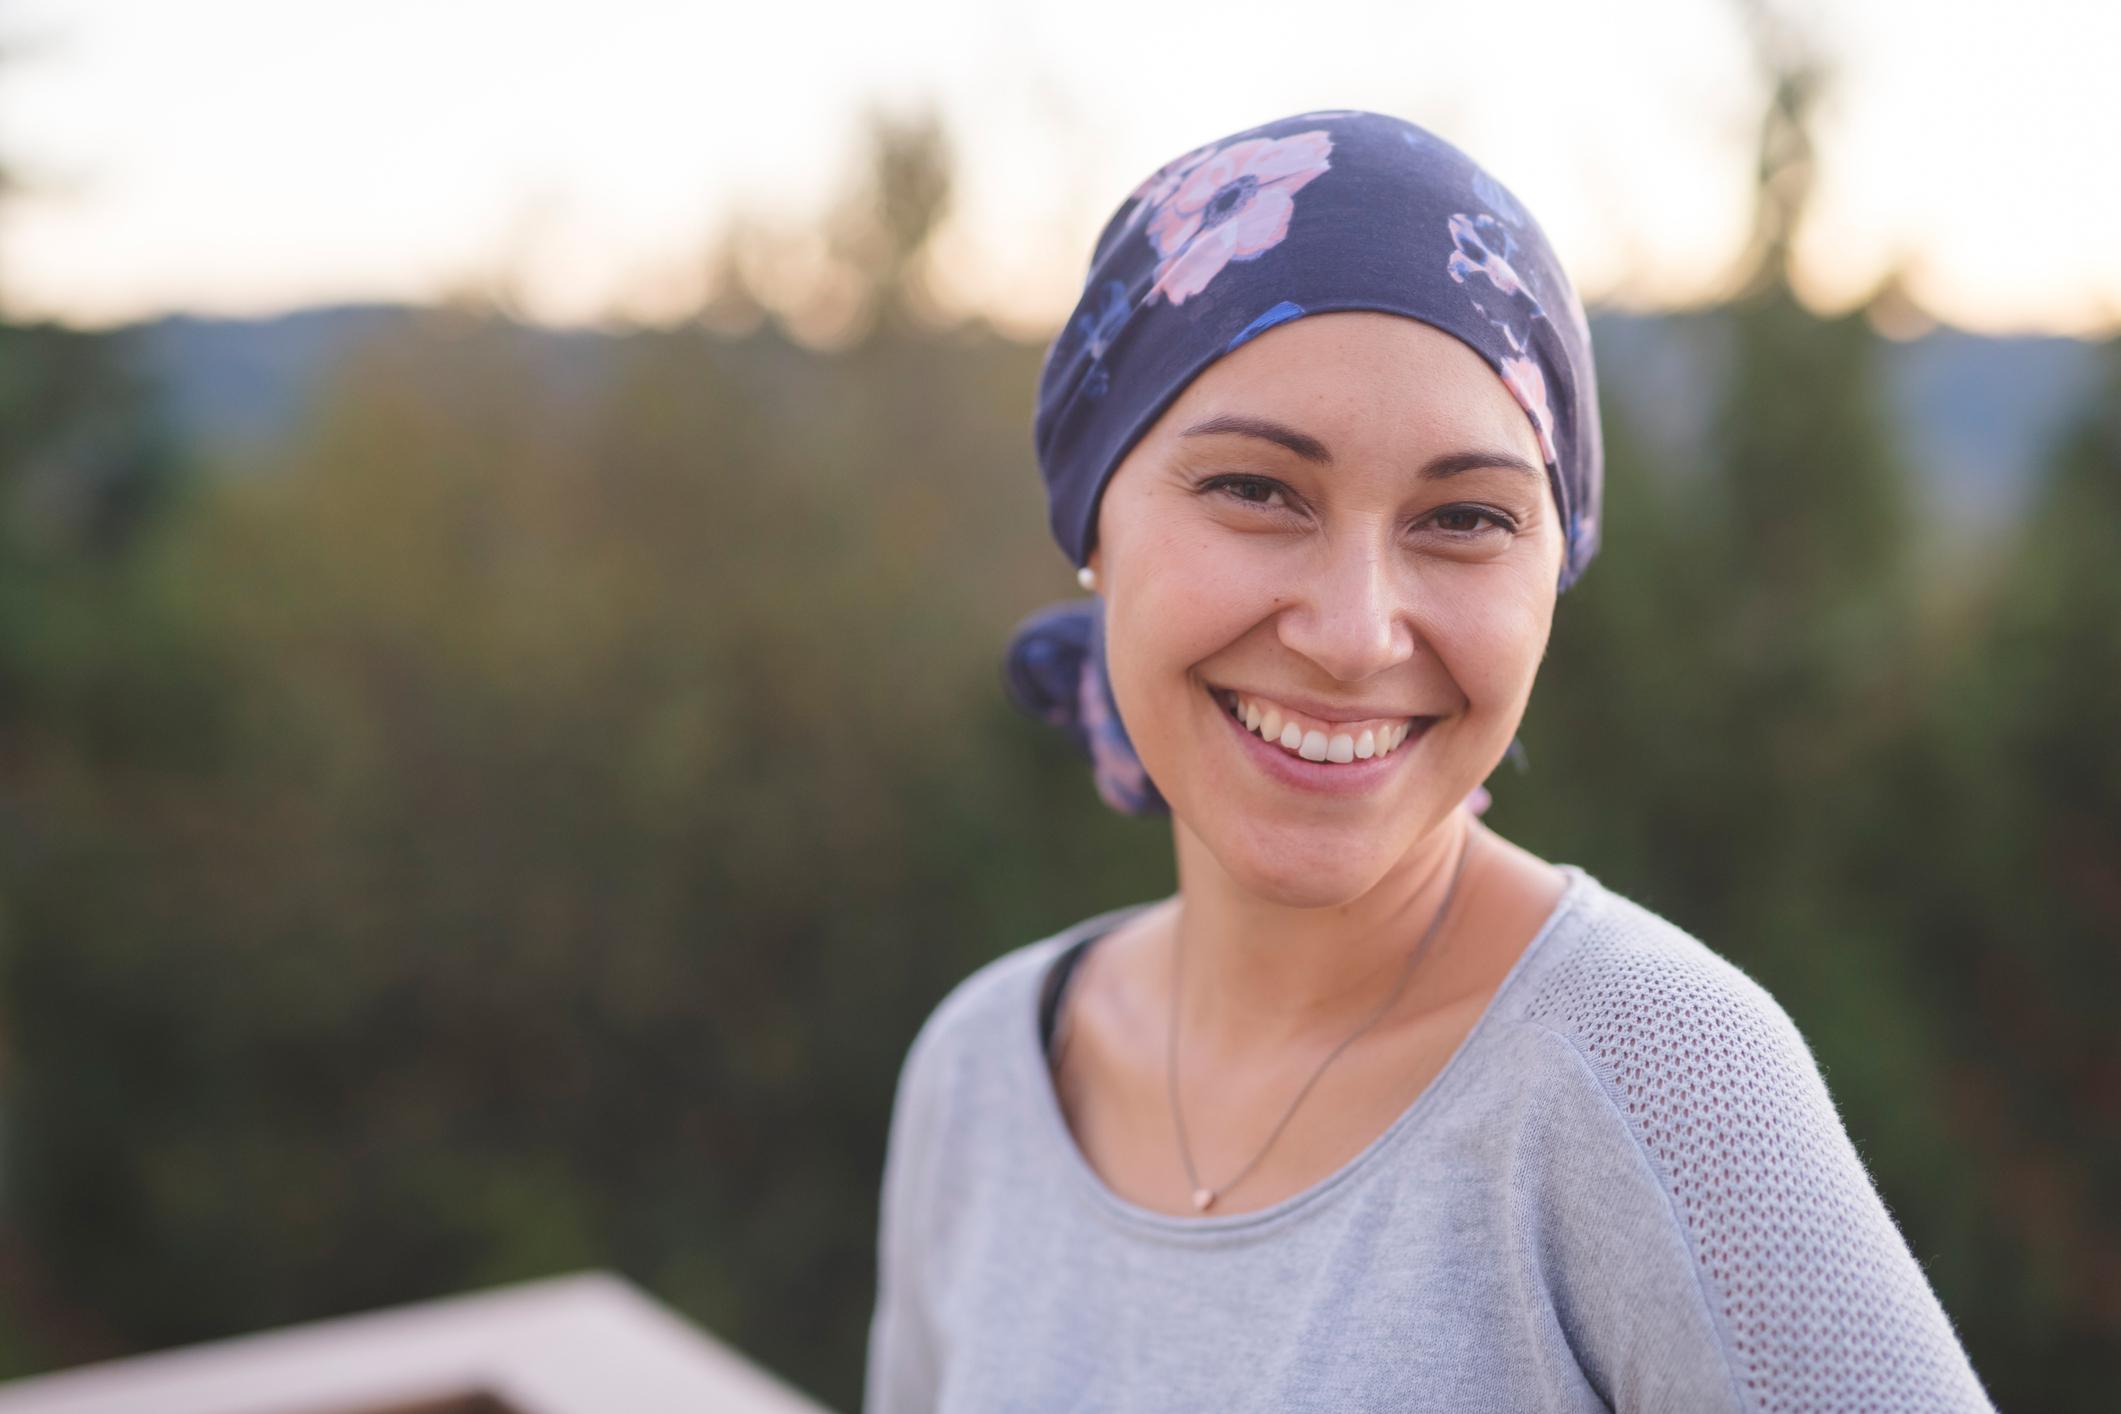 Pacijenti na kemoterapiji često imaju slab apetit i teško pronalaze hranu i piće koji im odgovaraju.